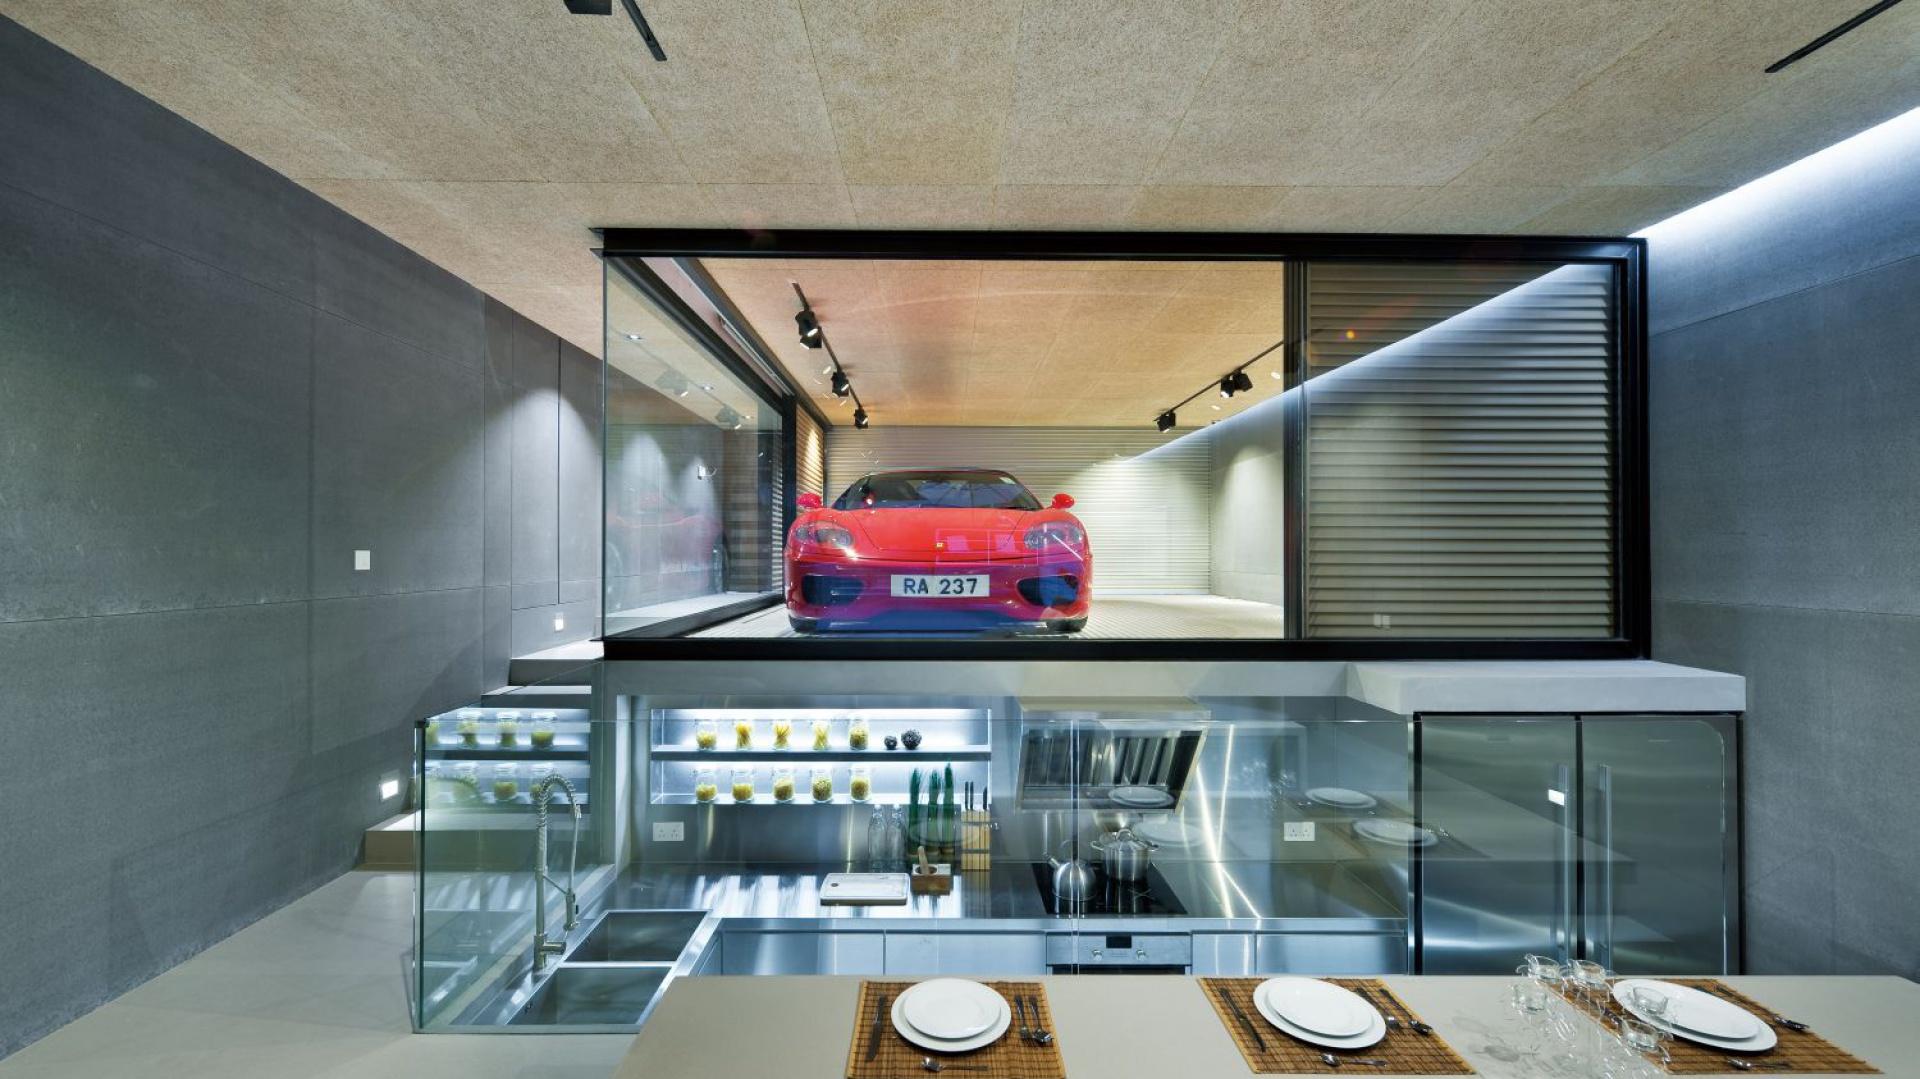 Otwarta kuchnia została tak zaplanowana, że otwiera się zarówno na parter, jak i niższą kondygnację. Wpasowana we wnękę, odgrodzoną estetycznie szklanymi ściankami, zlokalizowaną pod podestem, na którym zaplanowano dwustanowiskowy garaż. Projekt i zdjęcia: Millimeter Interior Design.